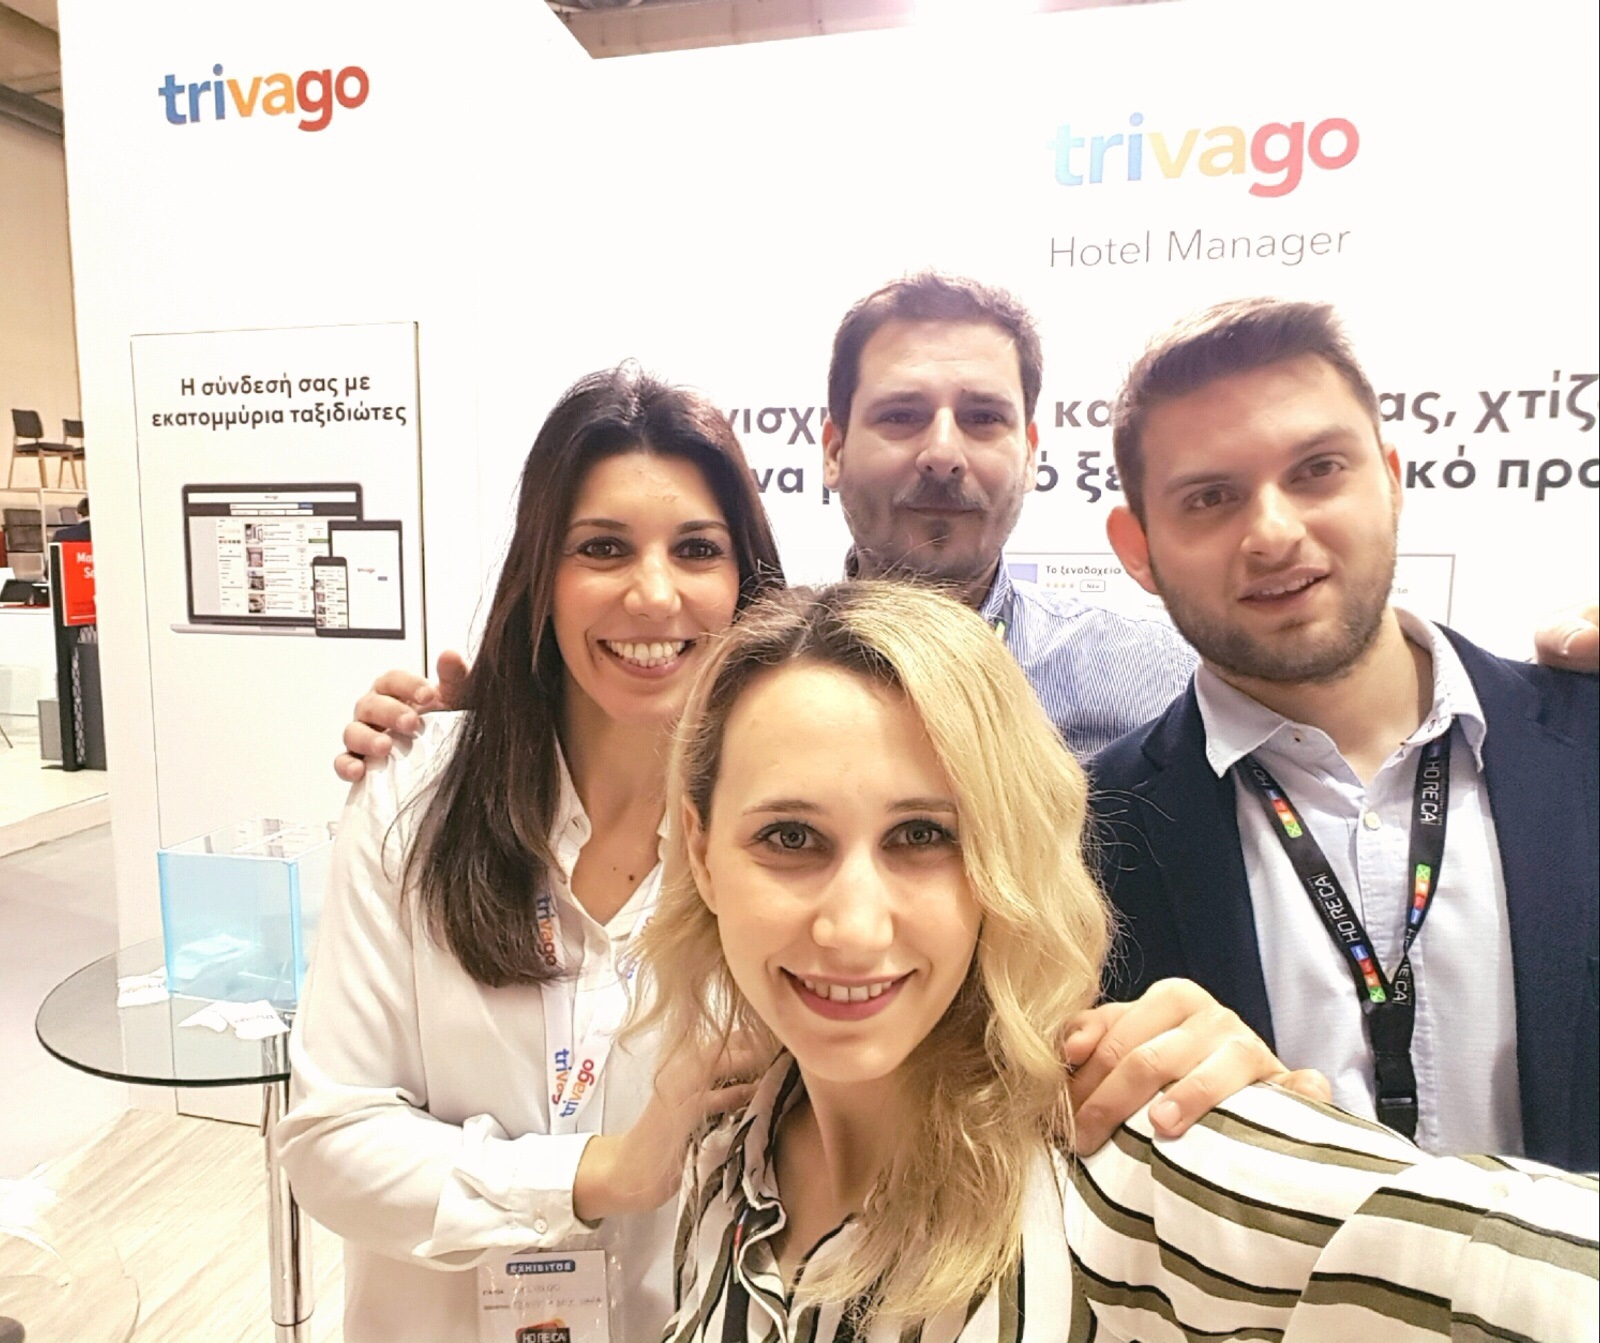 Η ομάδα της trivago στη HORECA